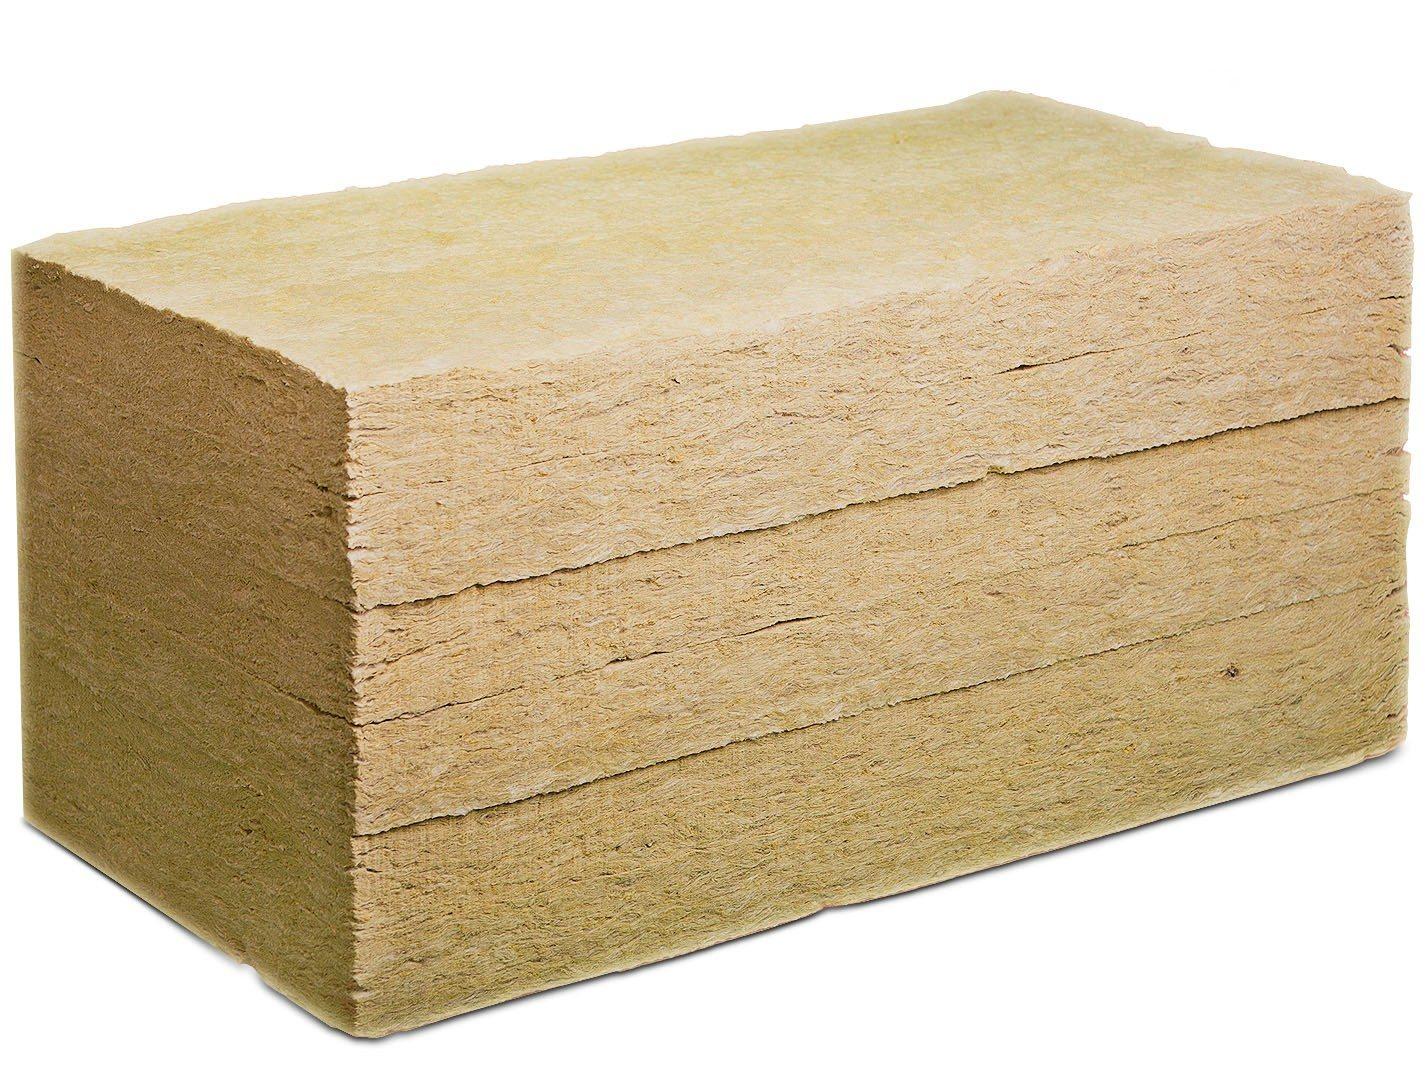 Каменная вата — распространенный теплоизоляционный материал в виде плит или матов